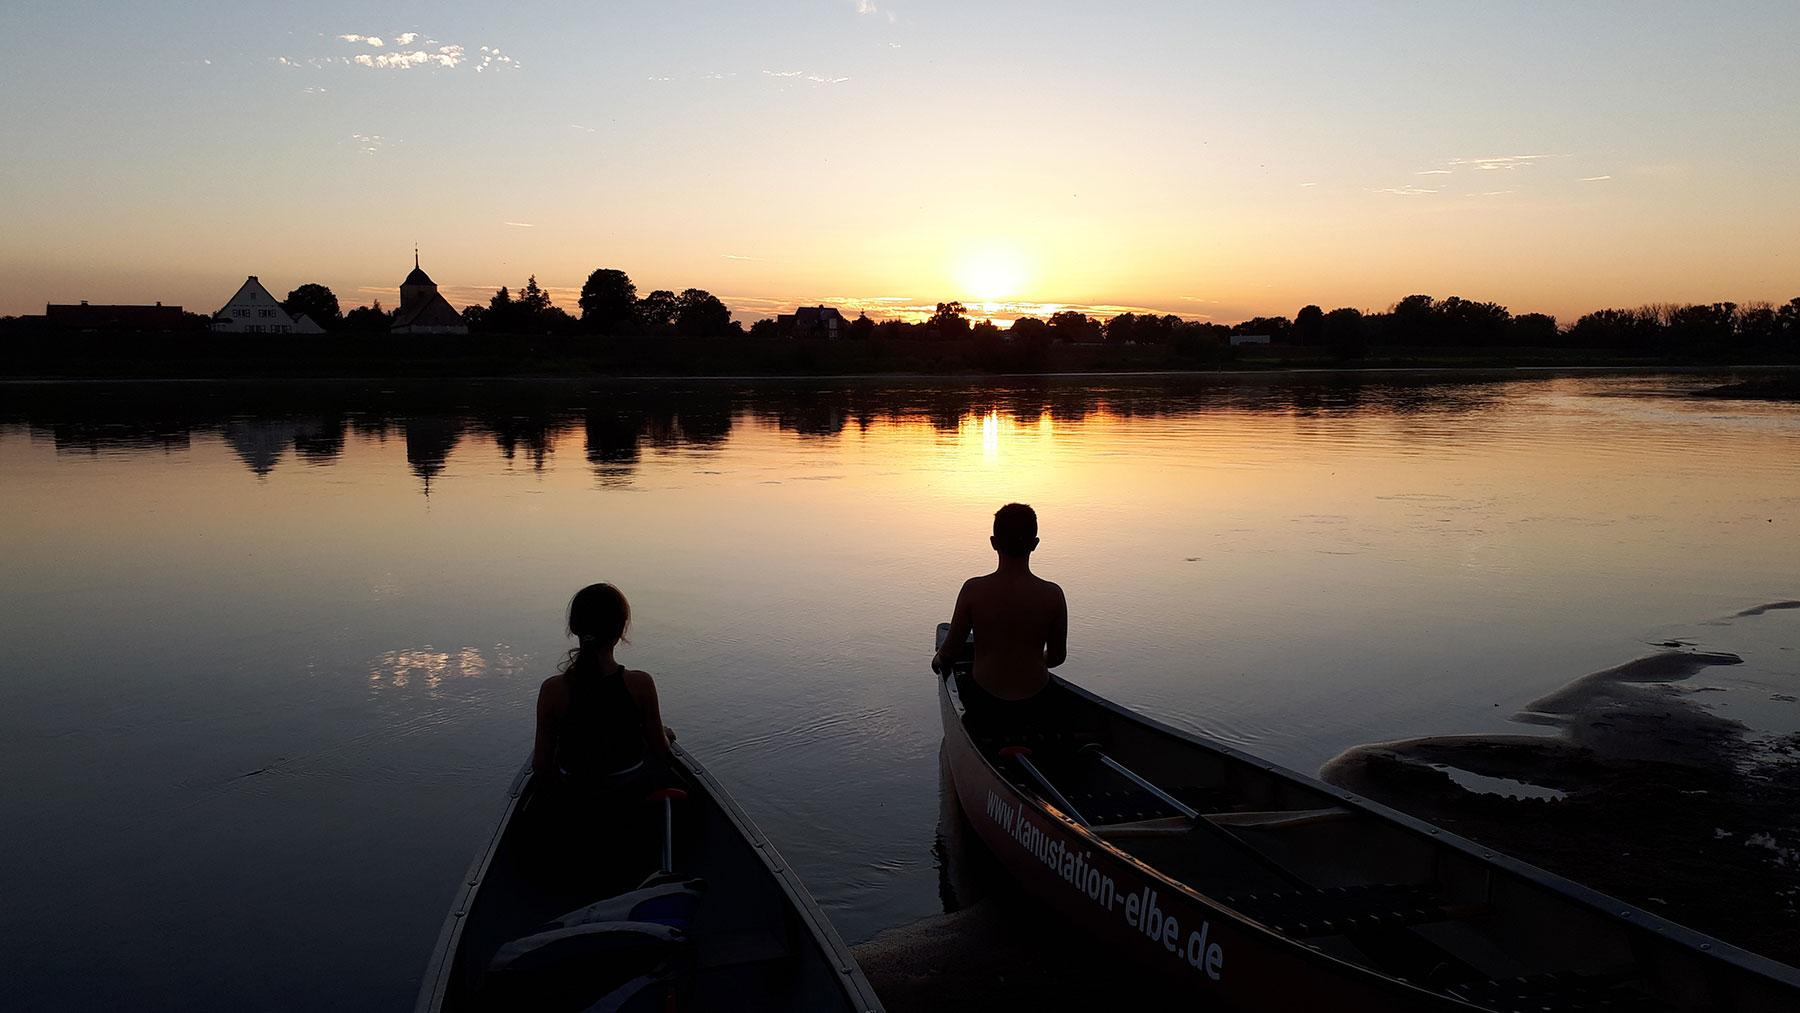 Kanustation Elbtalaue Sonnenuntergang